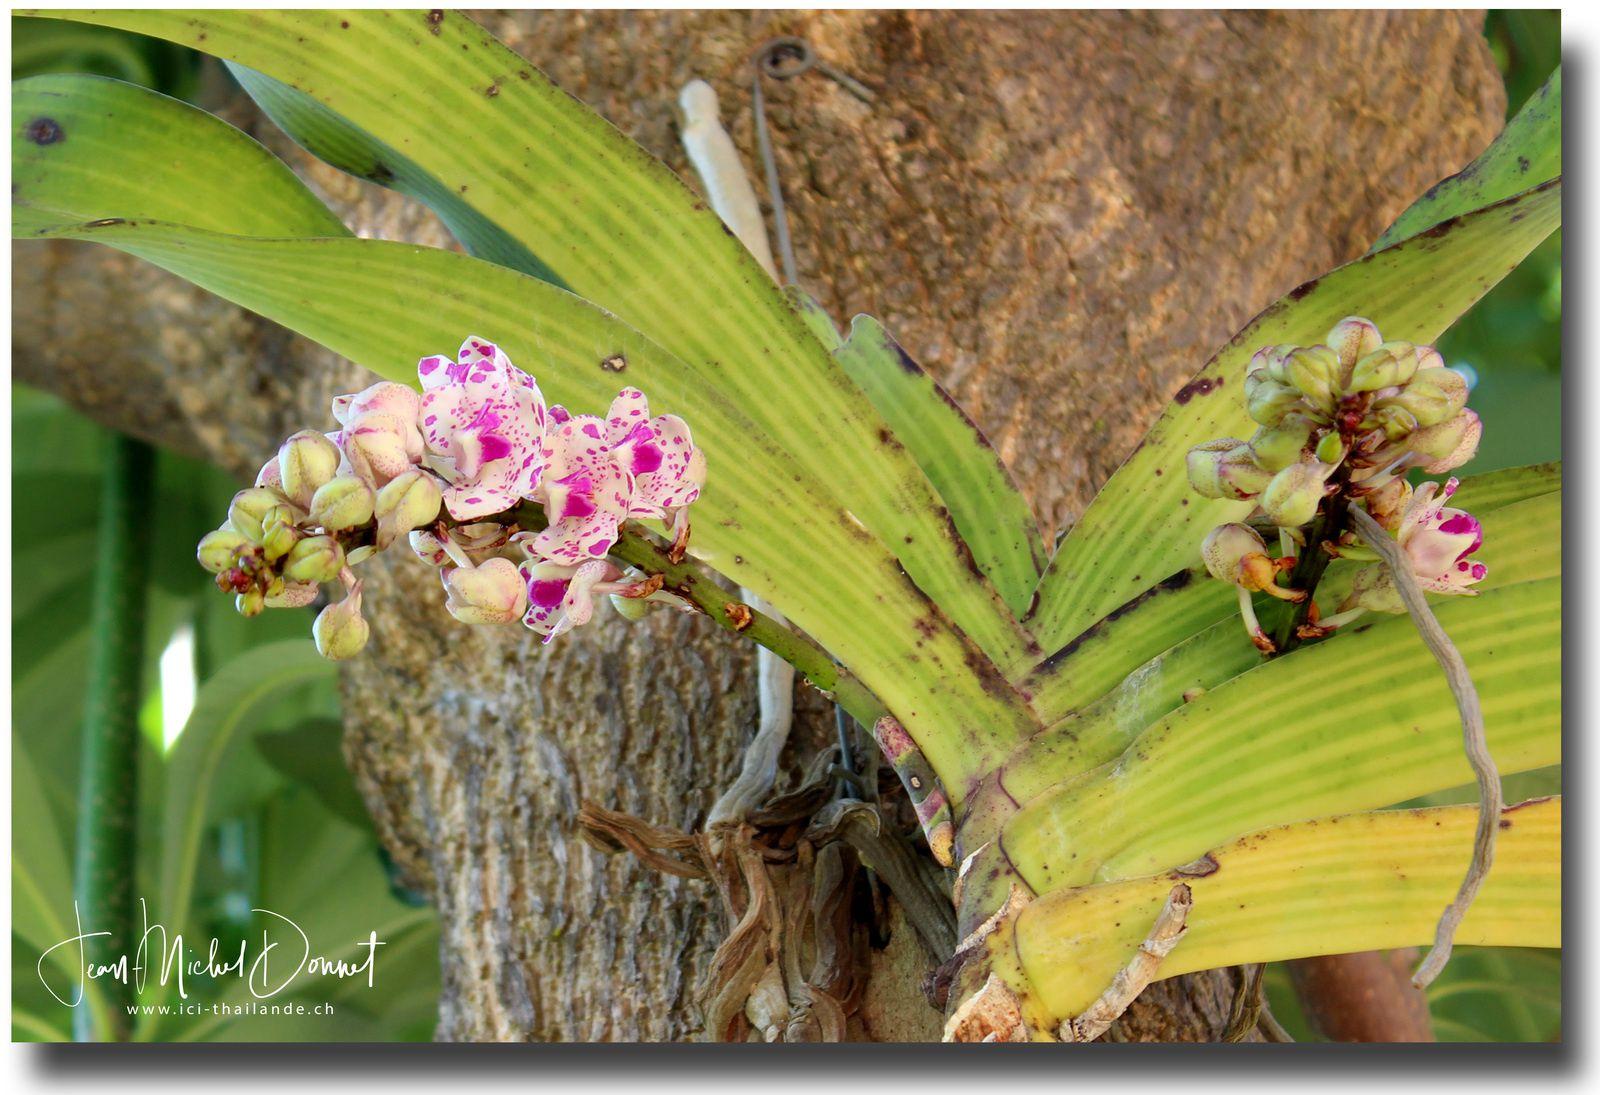 Les orchidées fleurissent (Thaïlande)